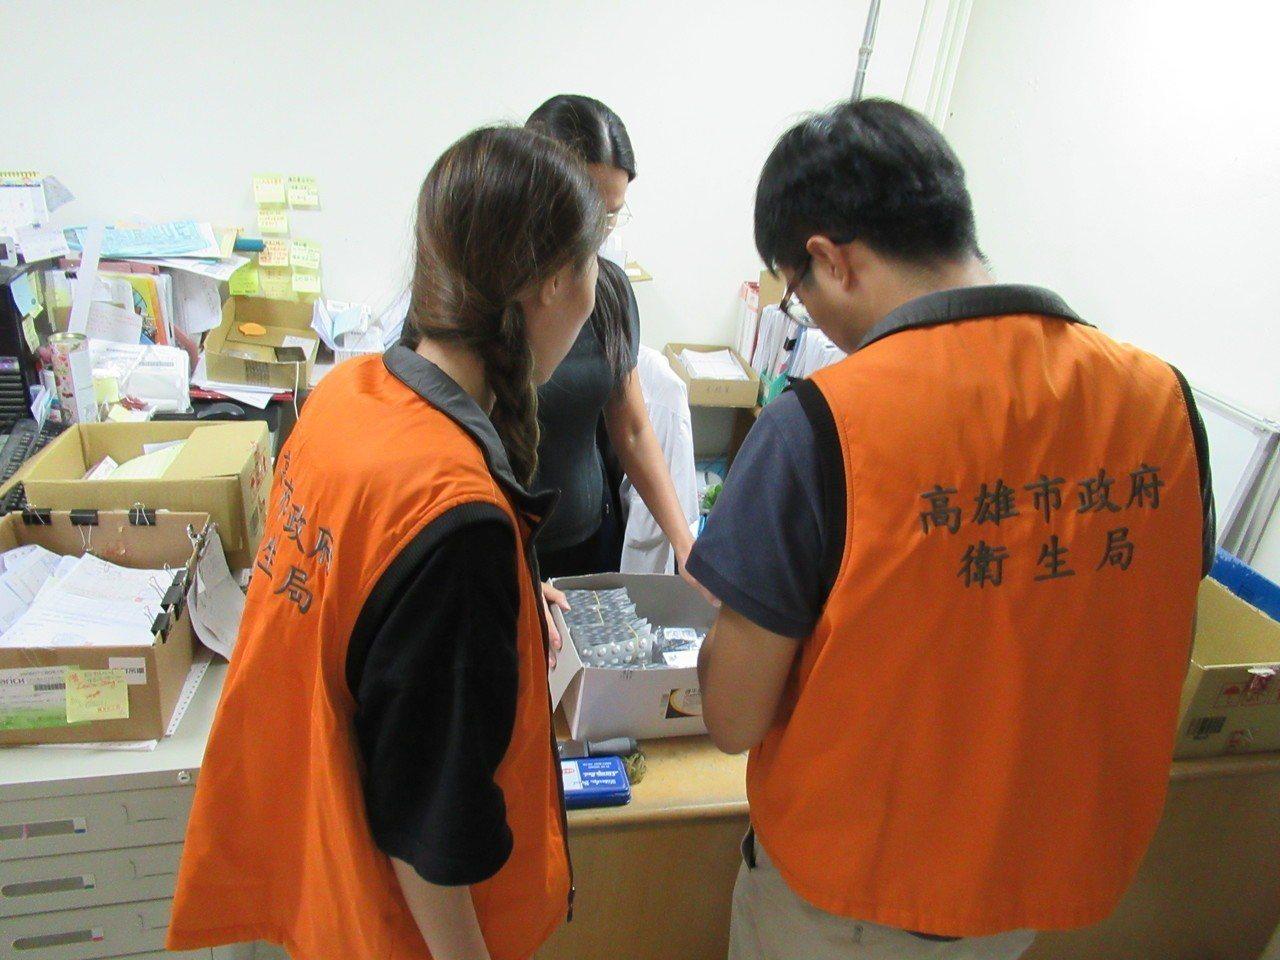 高雄市衛生局到醫療院所查察問題藥品的回收。圖/高雄市衛生局提供